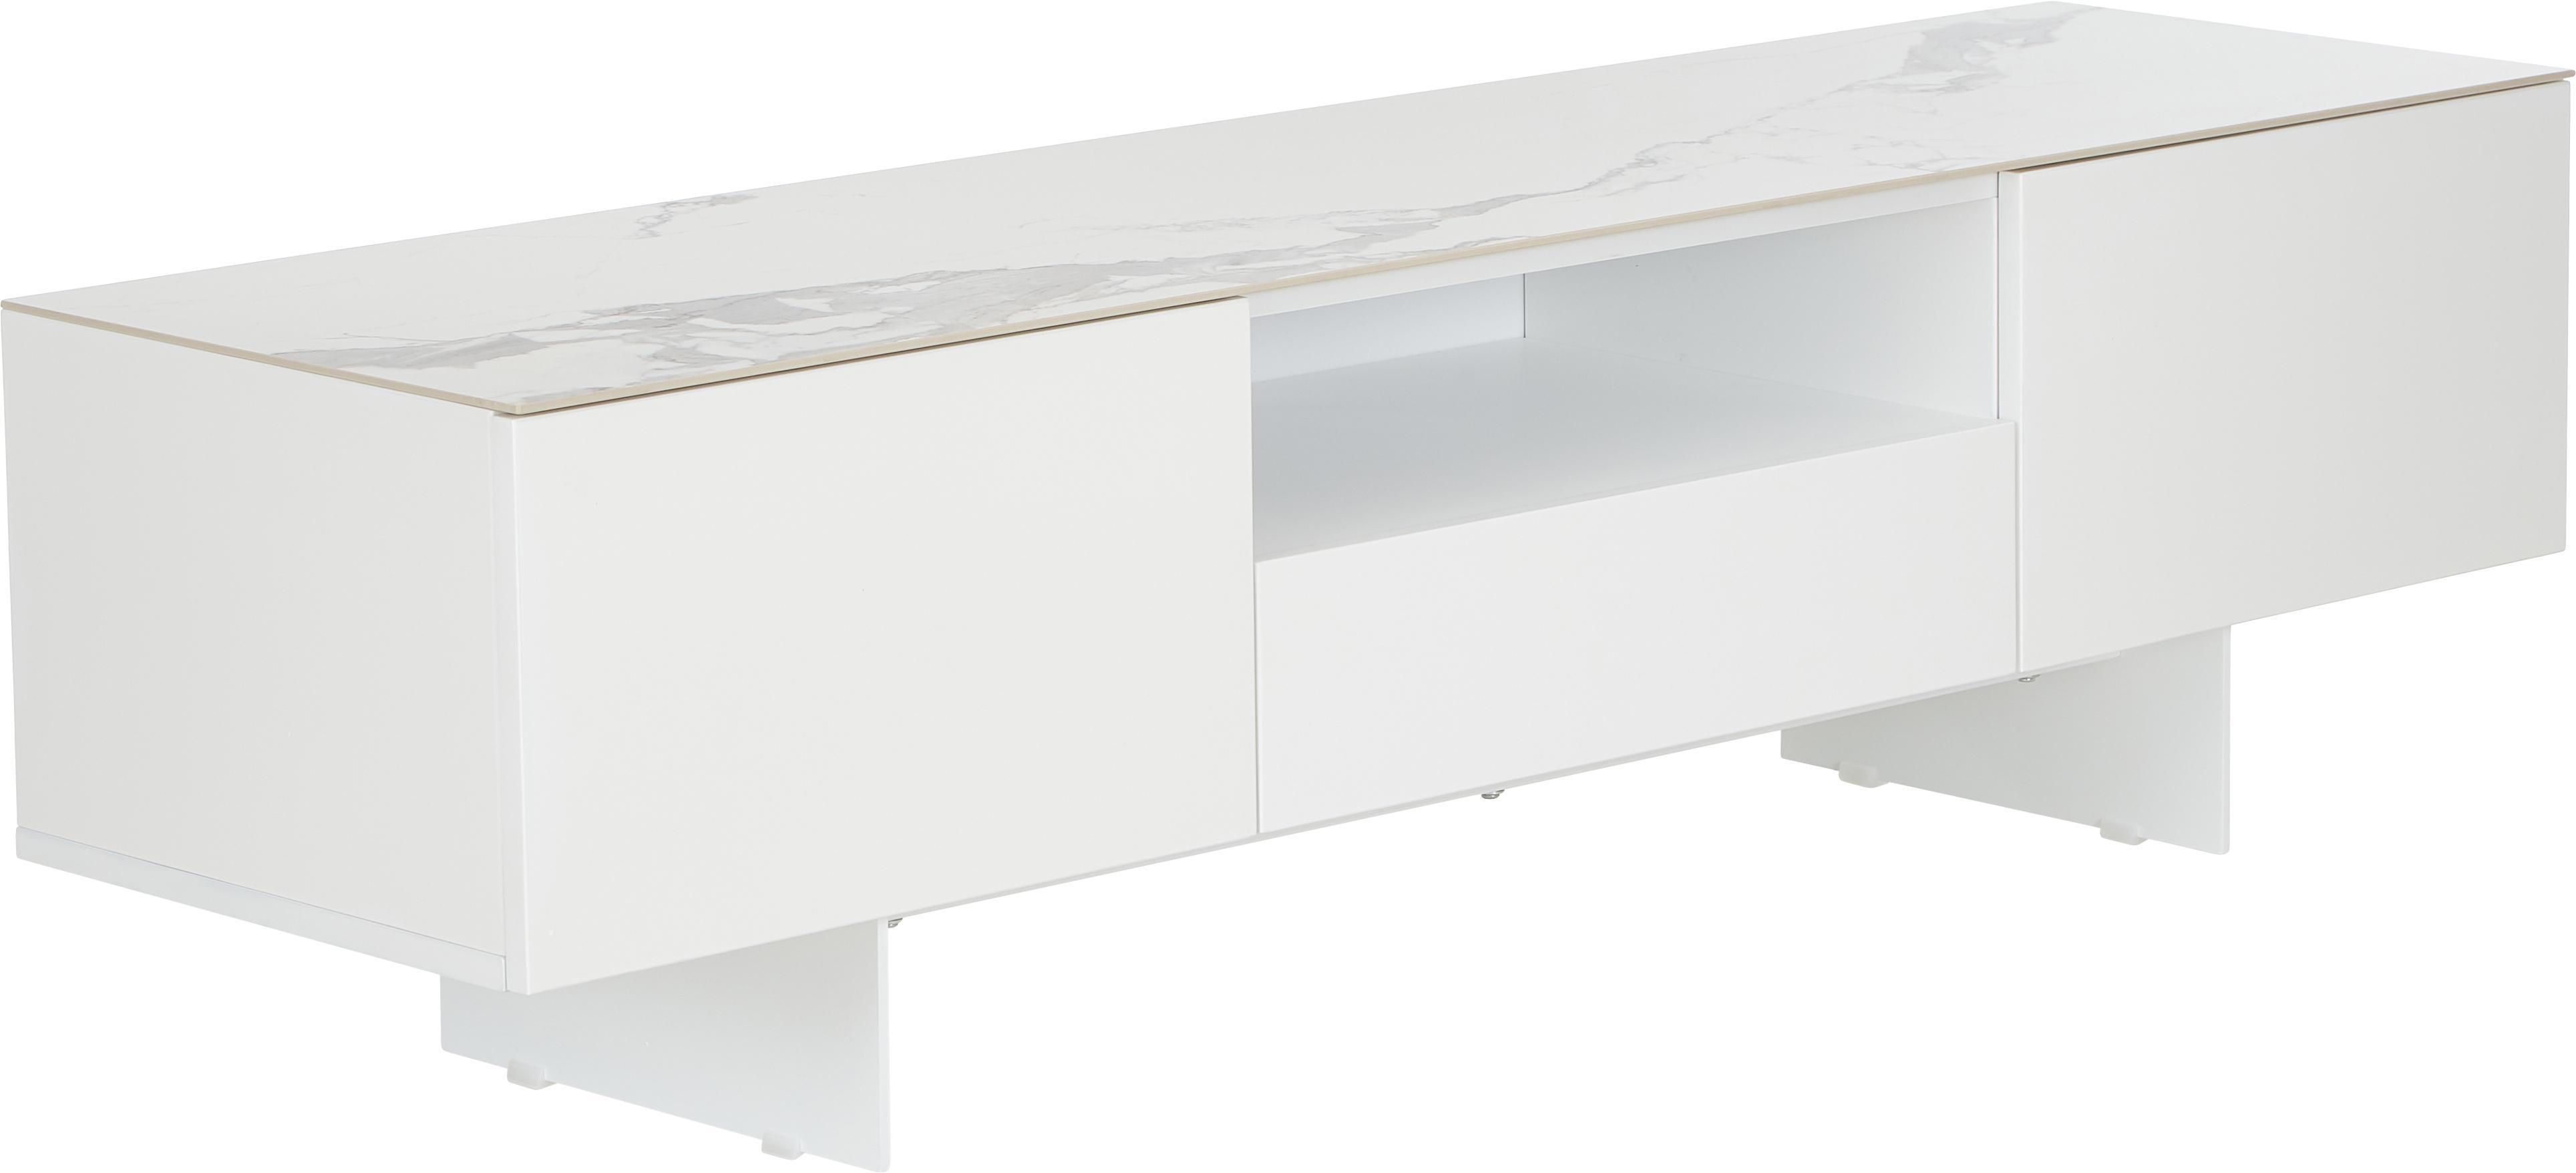 Mobile TV basso con superficie effetto marmo Fiona, Piedini: metallo verniciato a polv, Mensola: ceramica, Corpo: bianco opaco Piedini: bianco opaco Mensola: bianco marmorizzato, Larg. 160 x Alt. 46 cm